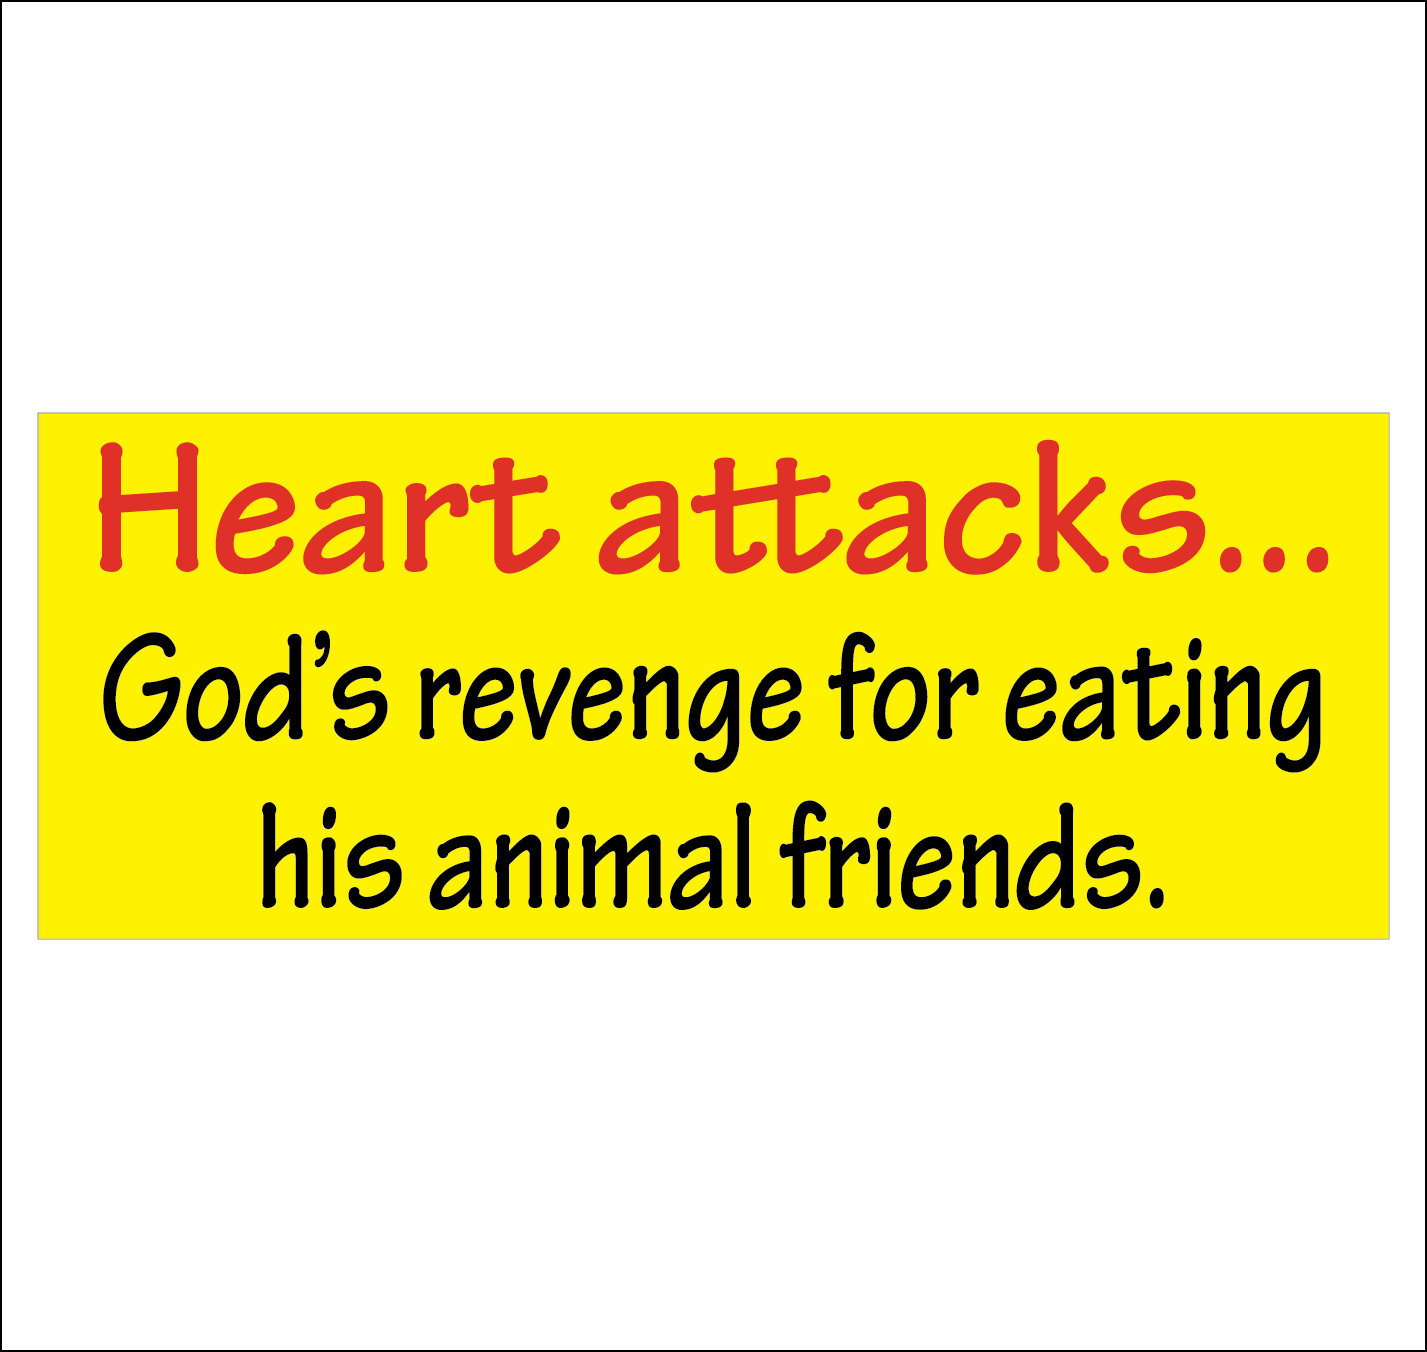 Heart attacks...  God's revenge for eating his animal friends. - bumper sticker